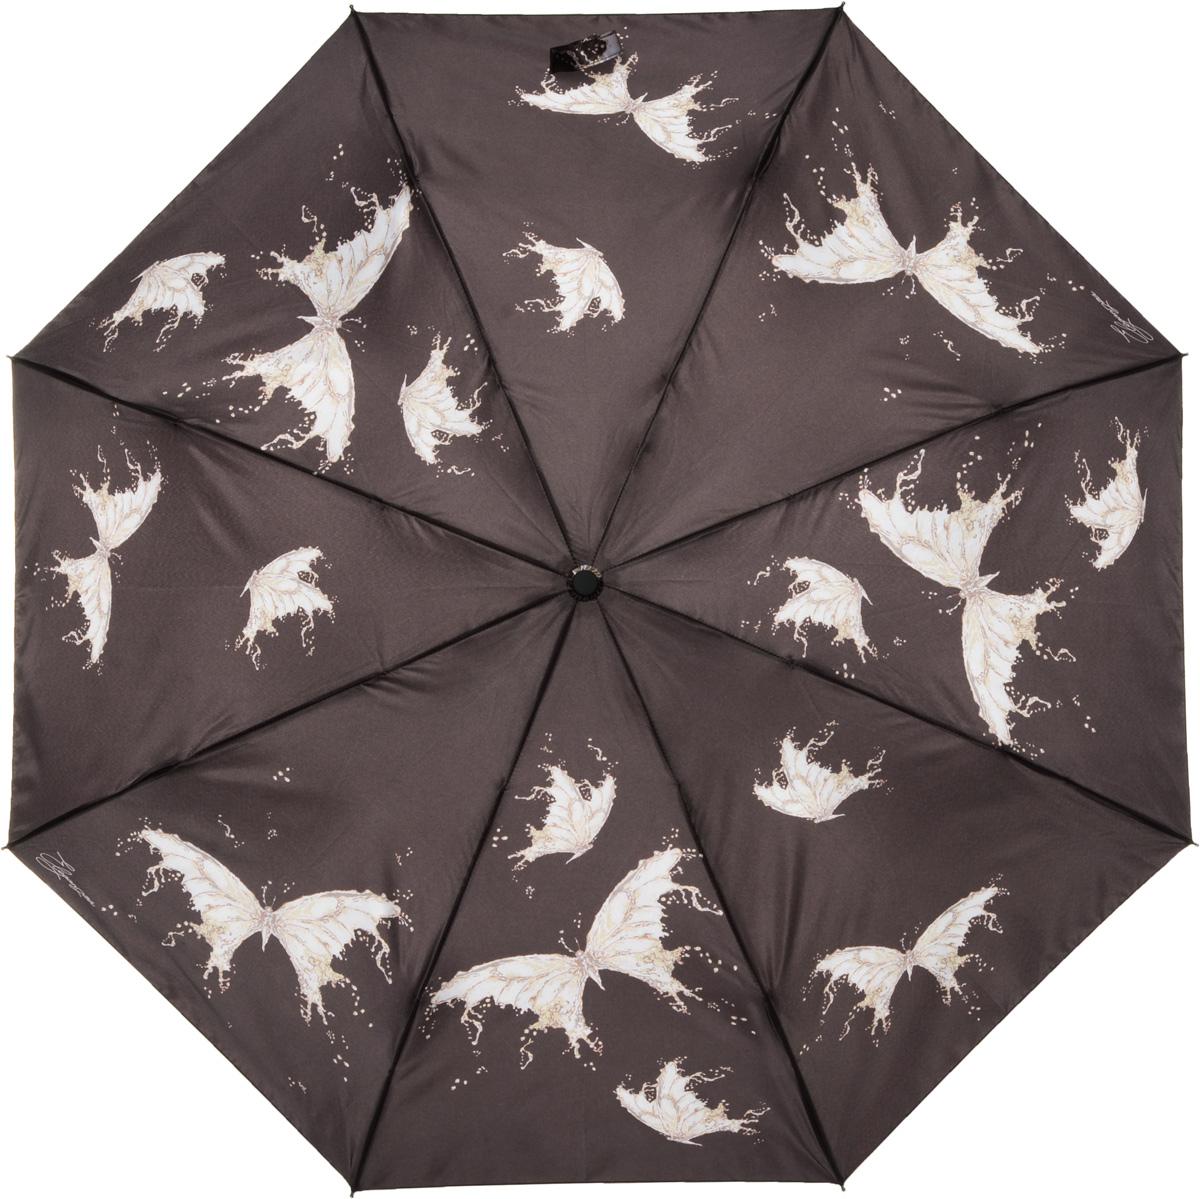 Зонт женский Eleganzza, автомат, 3 сложения, цвет: коричневый. A3-05-0253LA3-05-0253LЖенский зонт-автомат ELEGANZZA. Материал купола 100% полиэстер, сатин. Материал каркаса: сталь + фибергласс. Материал ручки: пластик. Длина изделия - 30 см, диаметр купола - 105 см.